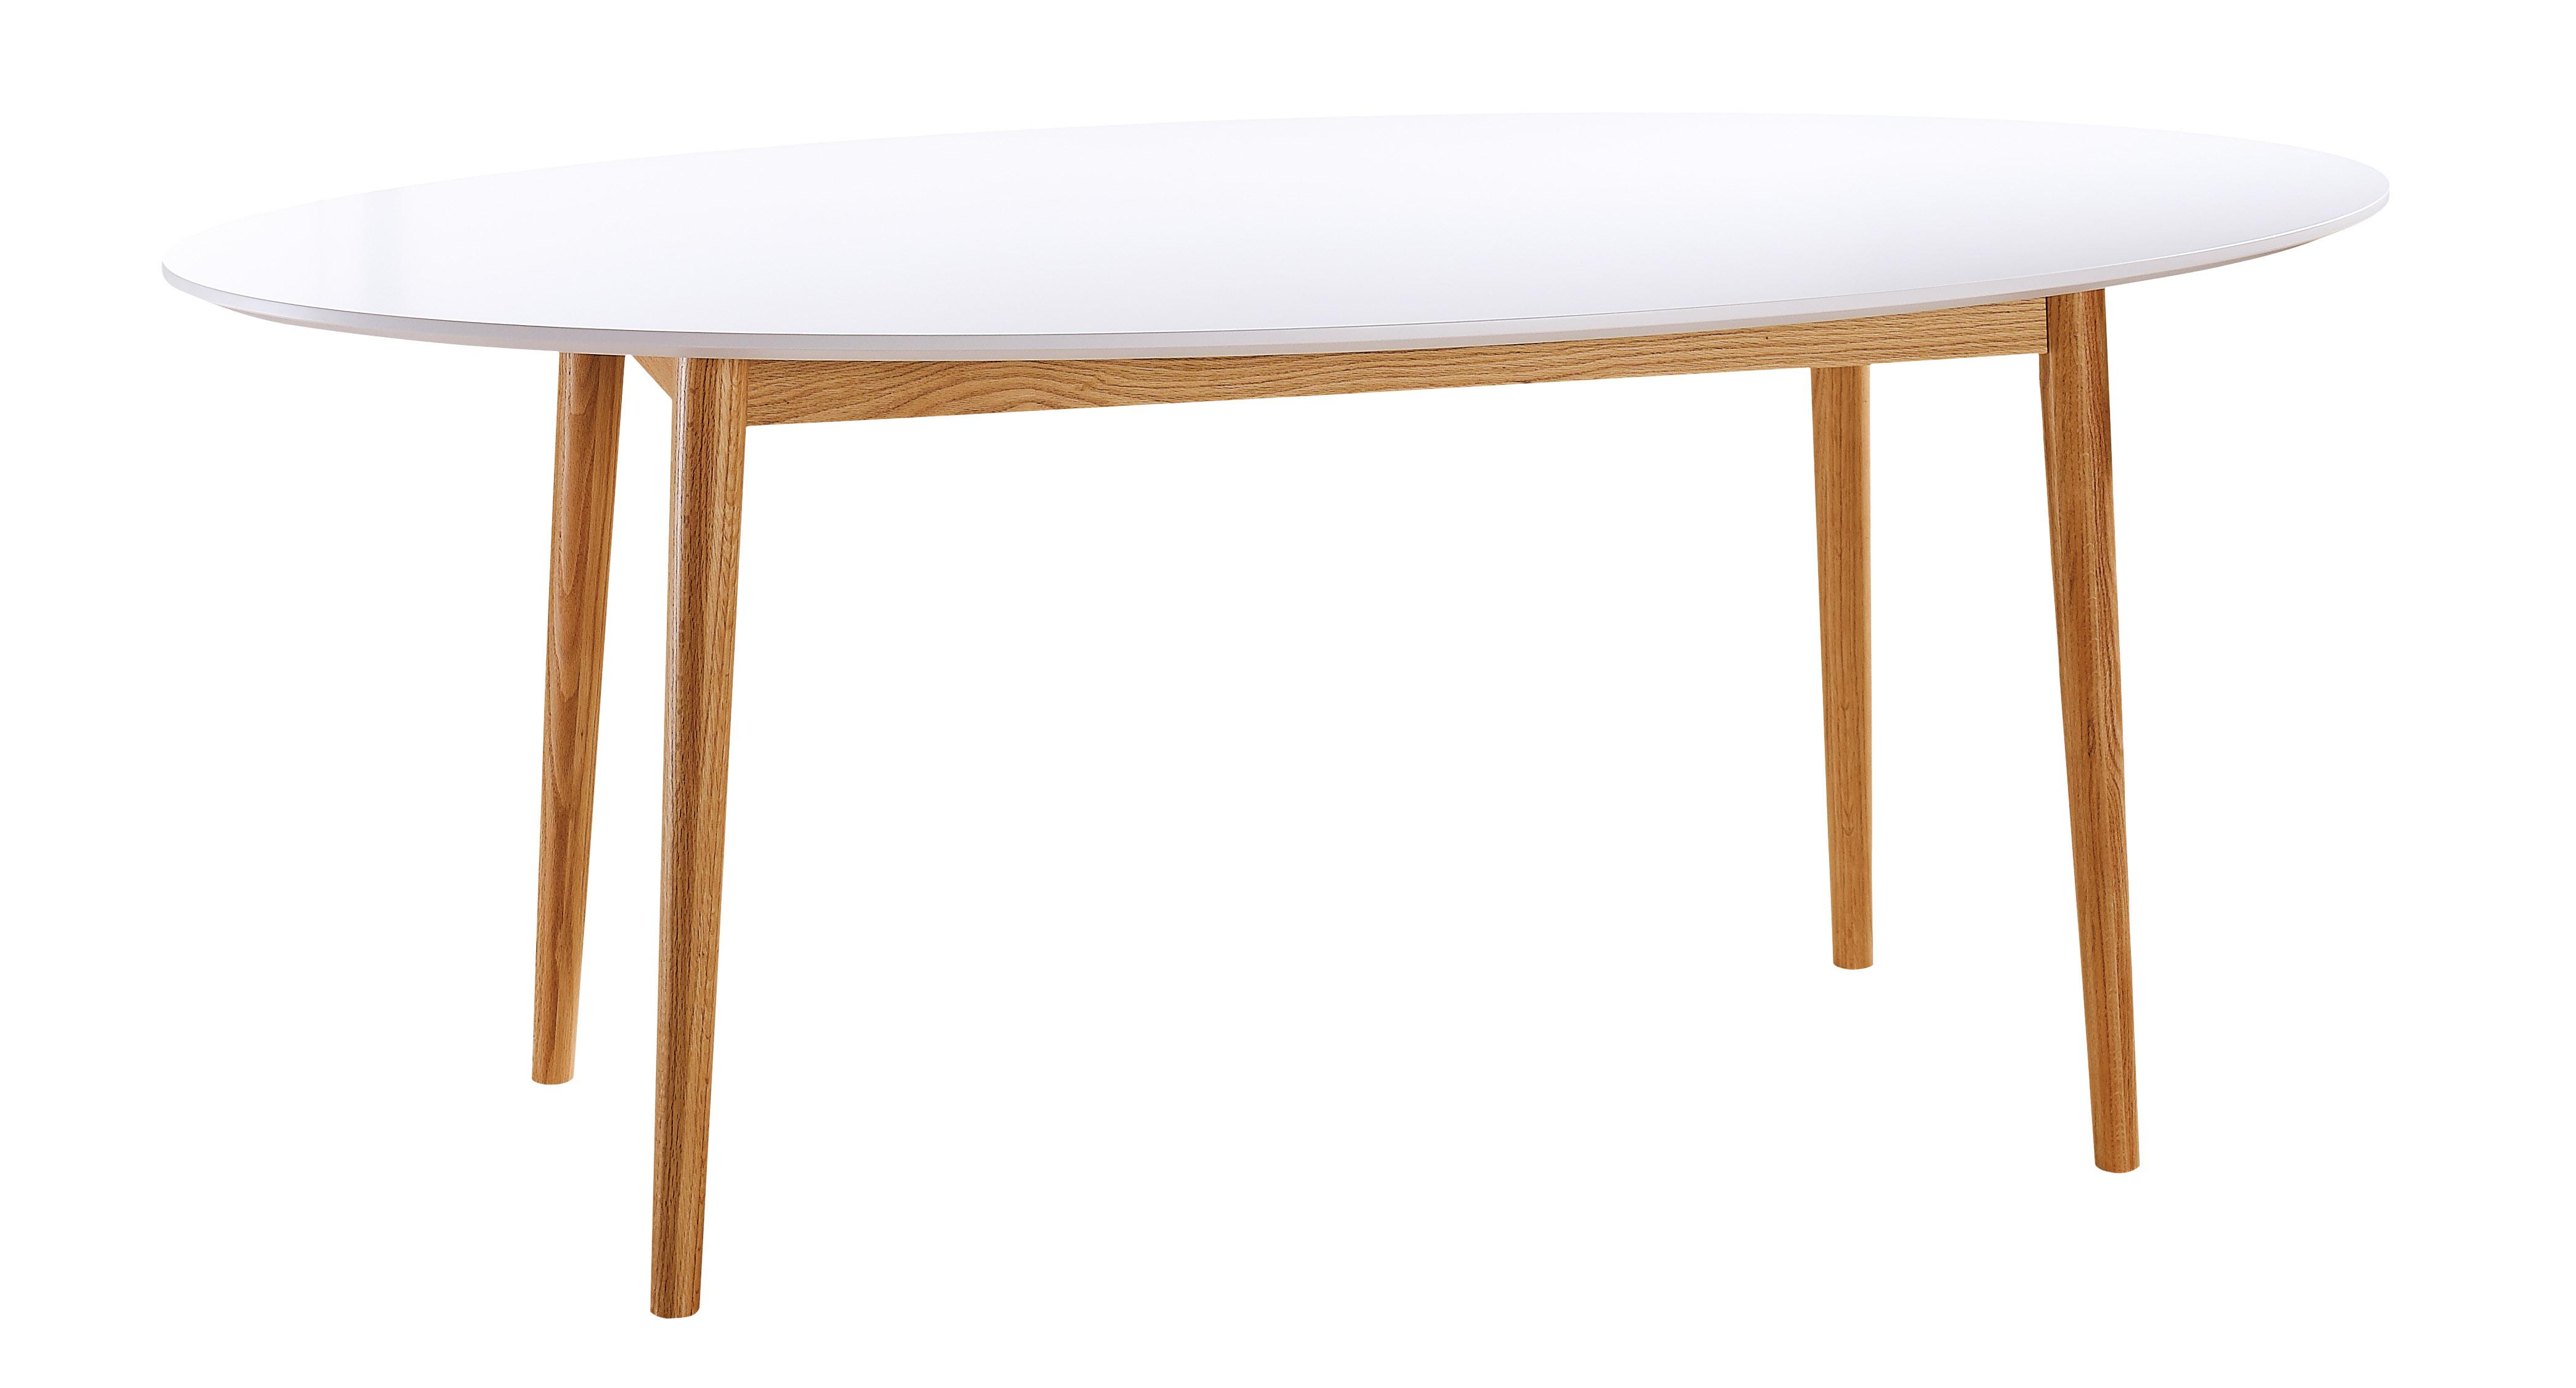 Ovale eettafel tweedehands home design idee n en meubilair inspiraties - Eettafel moderne ...